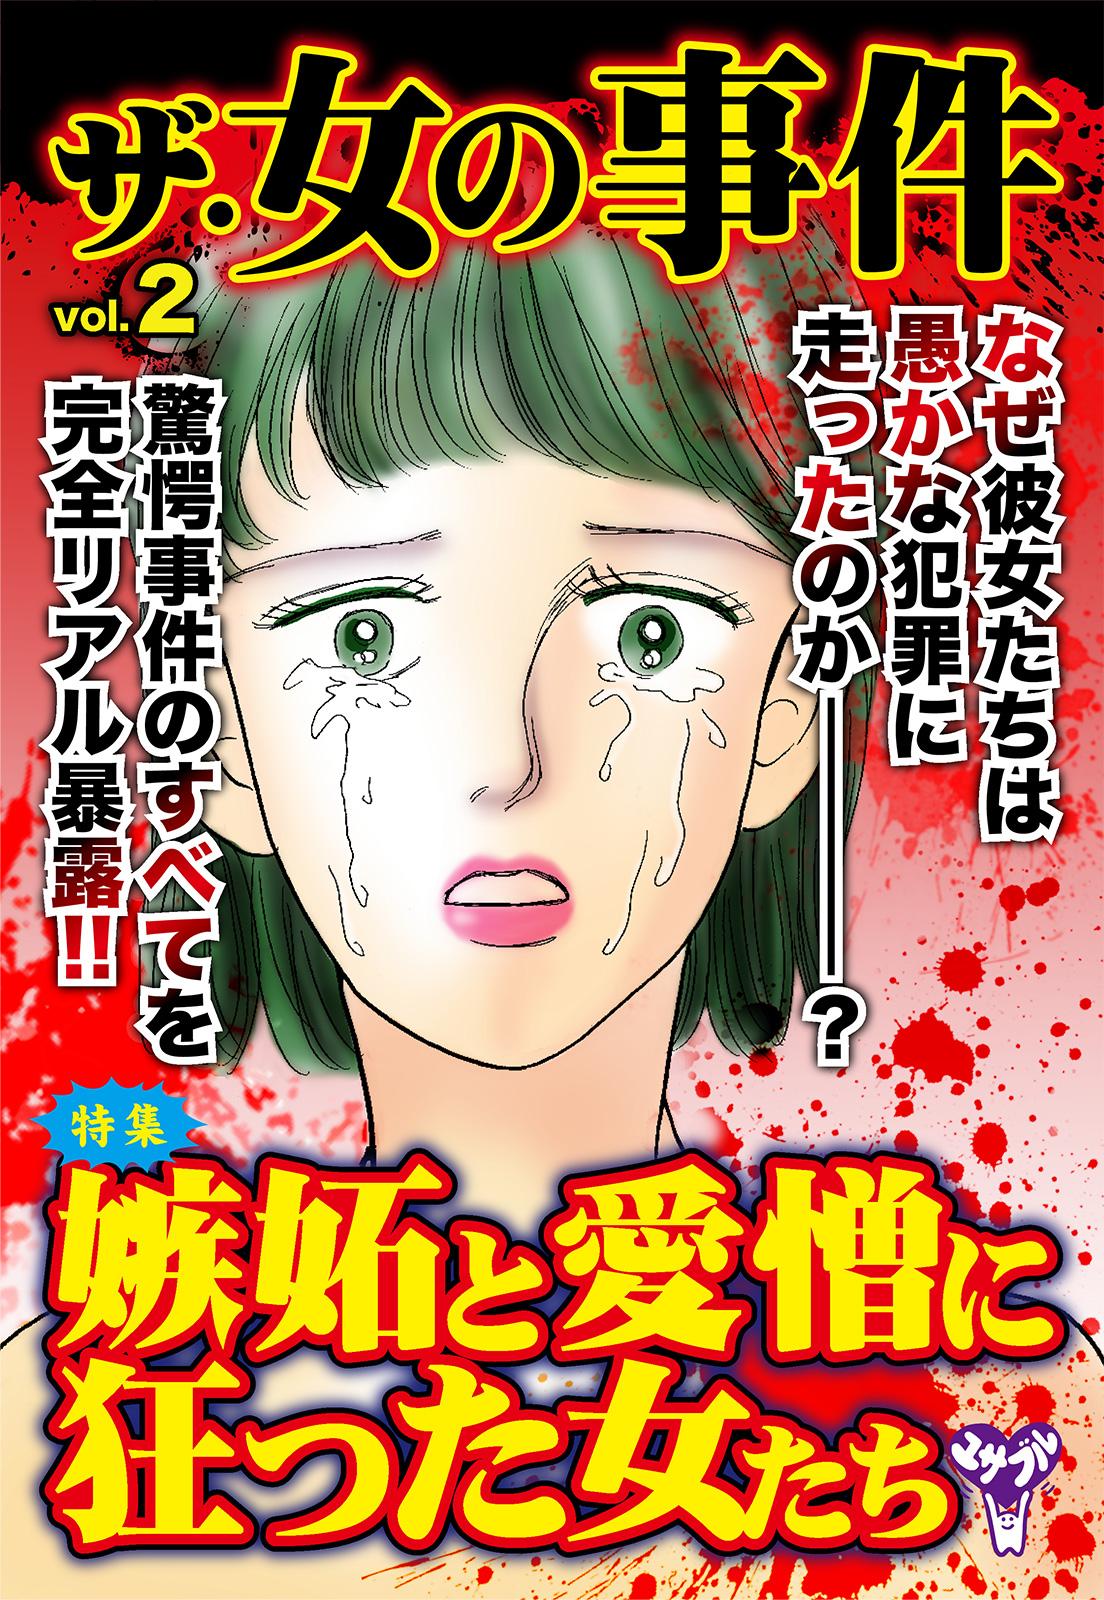 ザ・女の事件Vol.2(アラサー独身女エゴまみれ幼児斬りつけ事件)